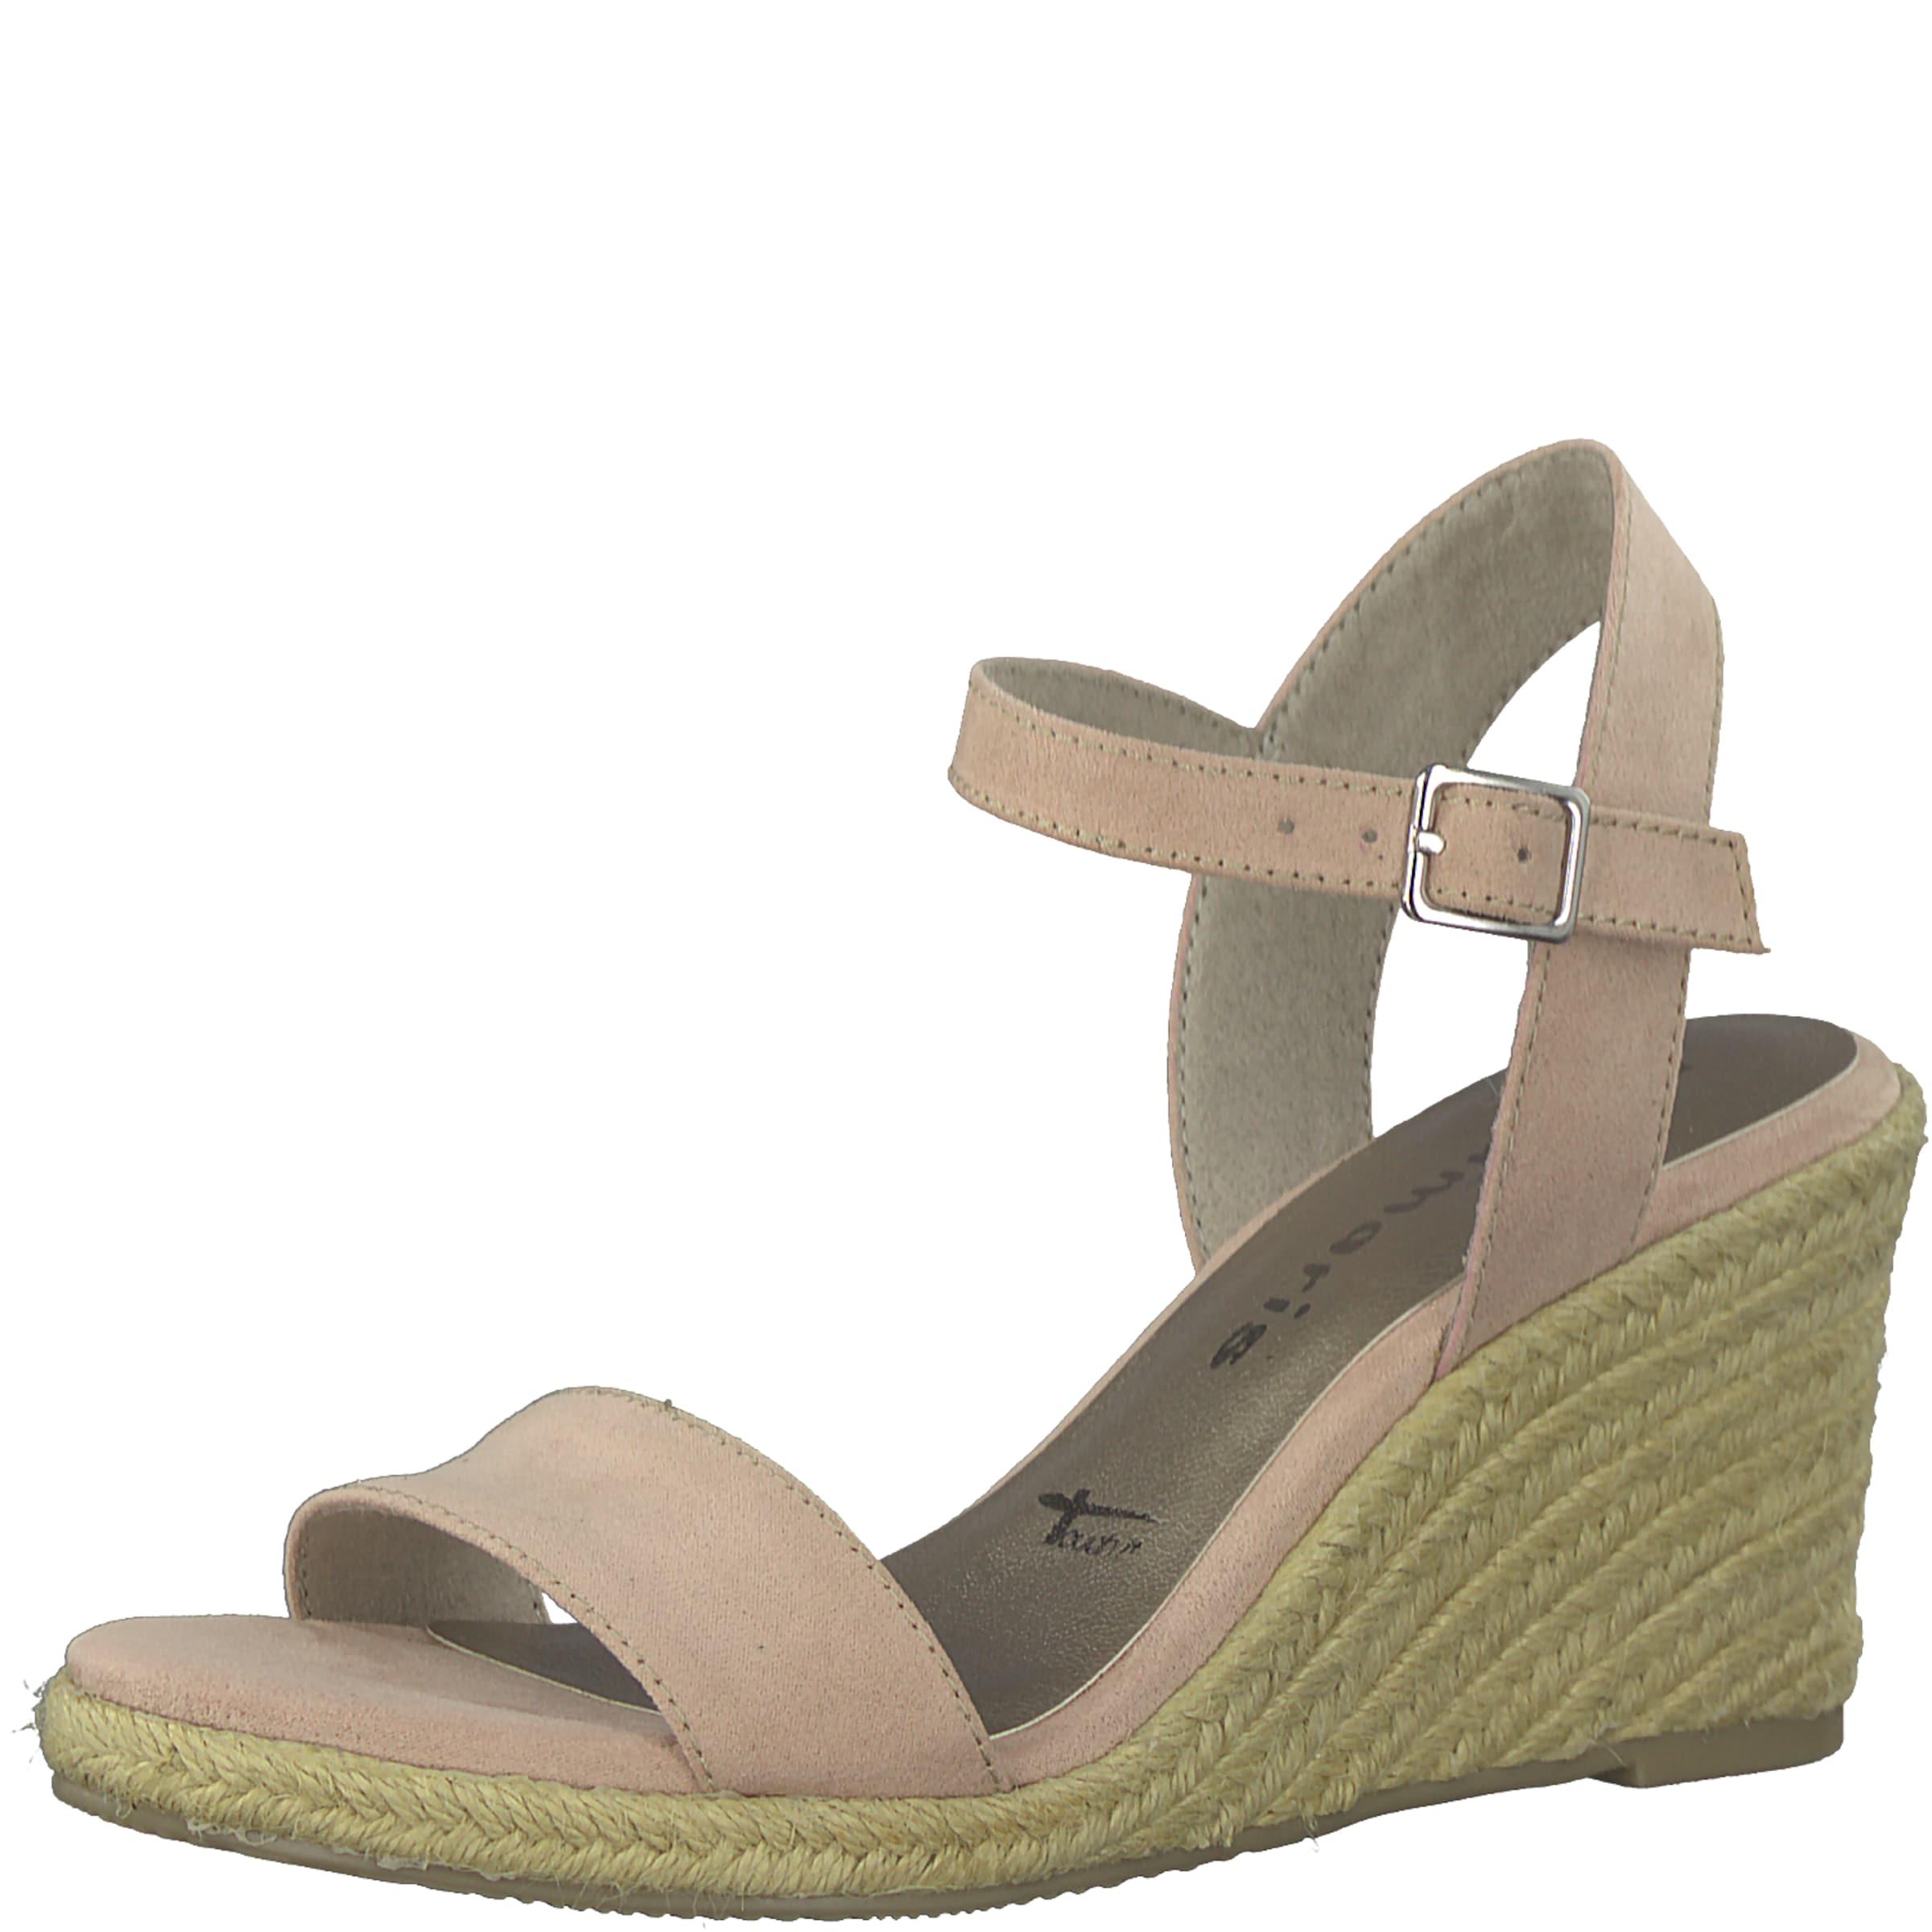 TAMARIS Keilsandale Classy Verschleißfeste billige Schuhe